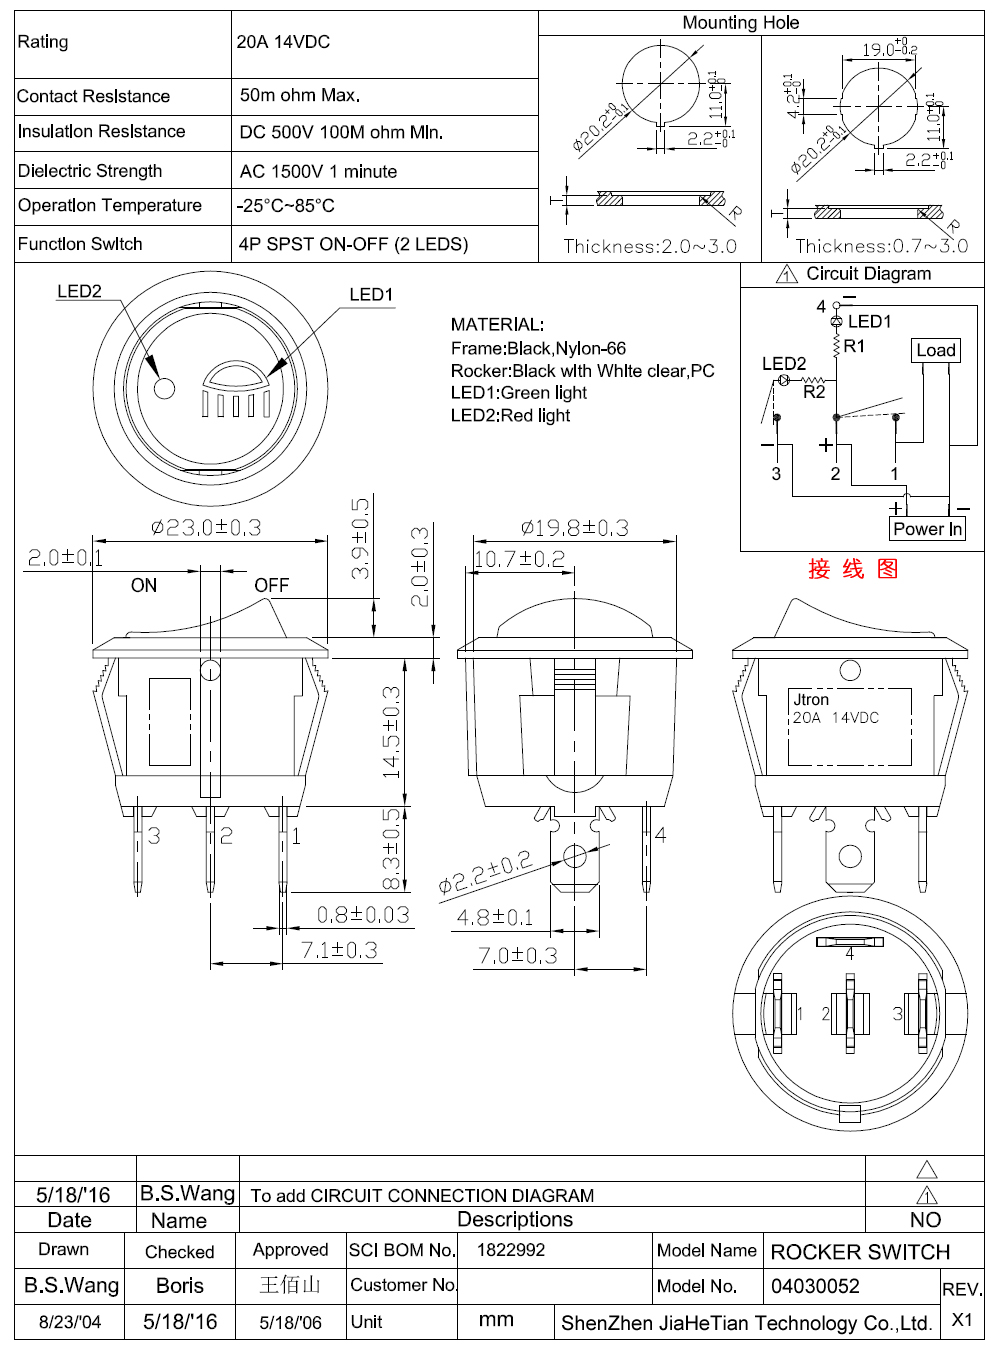 r13 135 switch wiring diagram manual e books air ride wiring diagram r13 8 switch wiring [ 1000 x 1350 Pixel ]